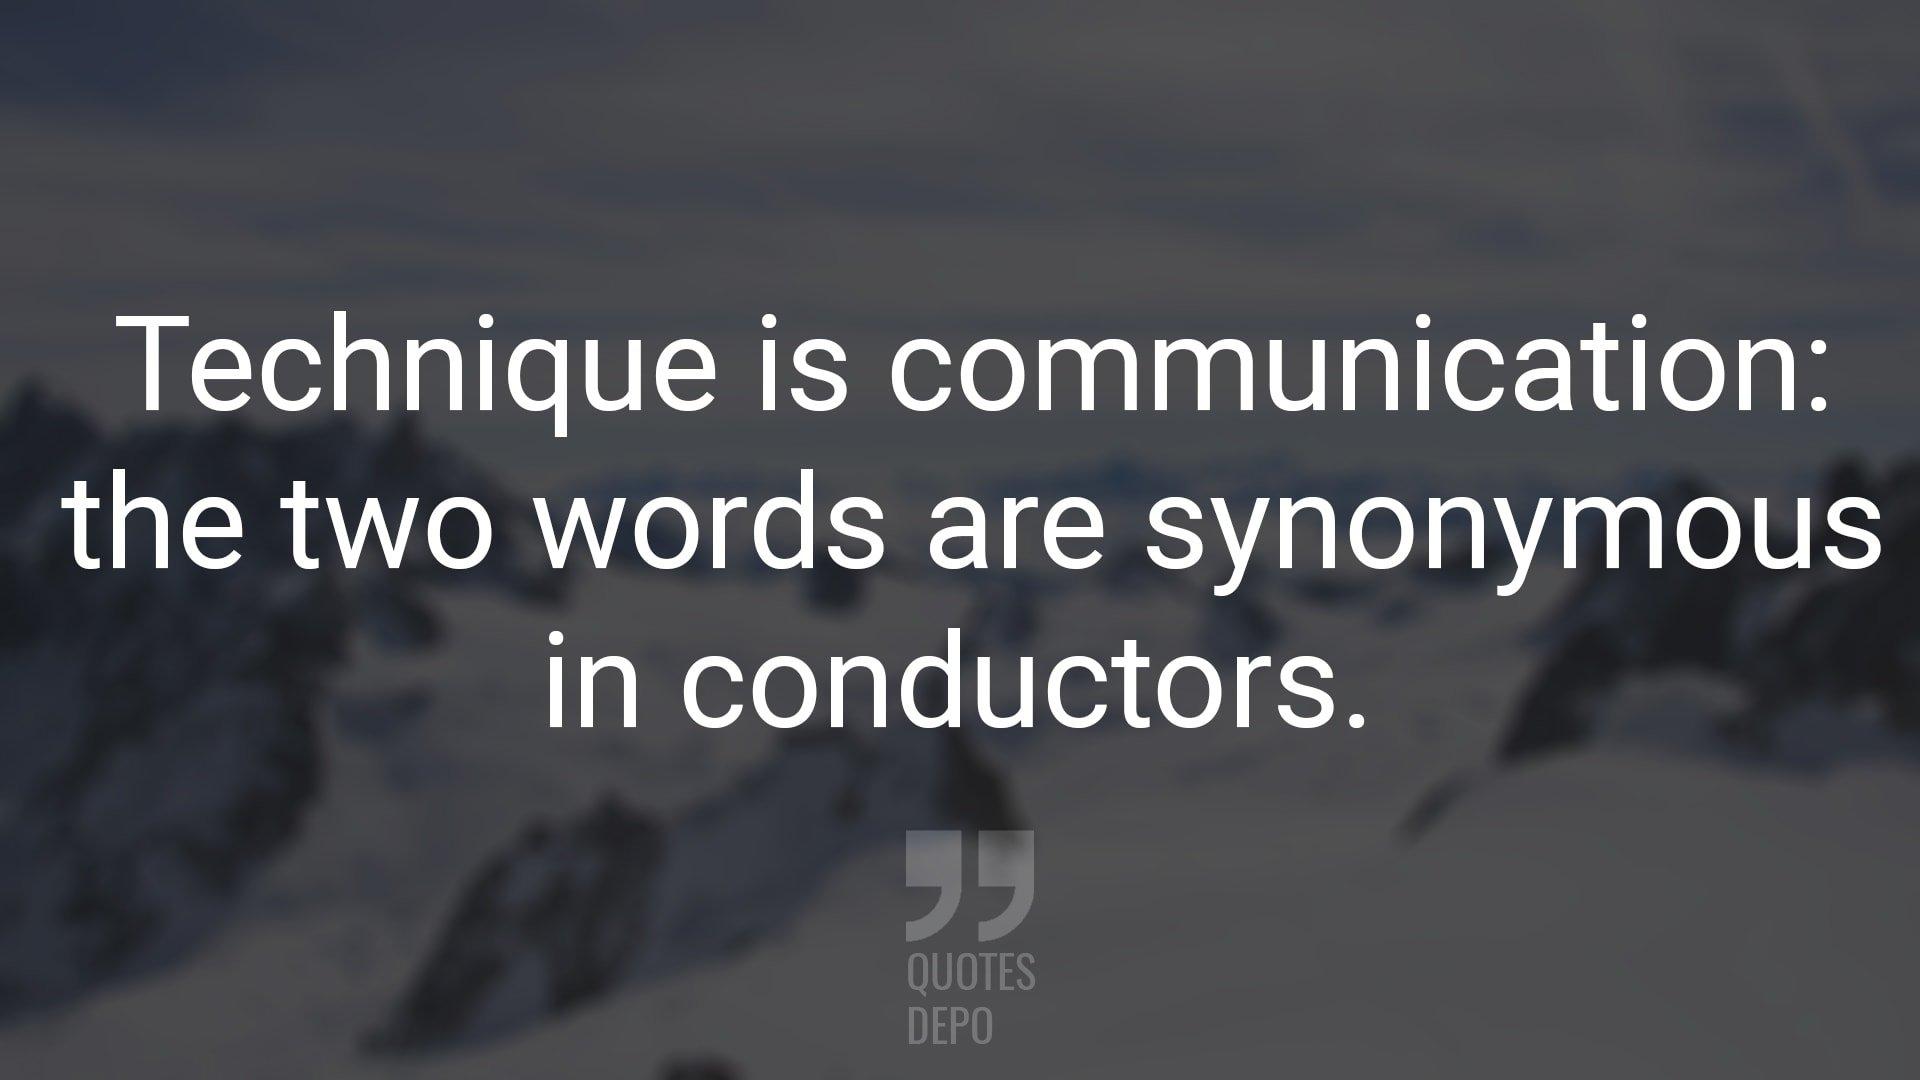 technique is communication